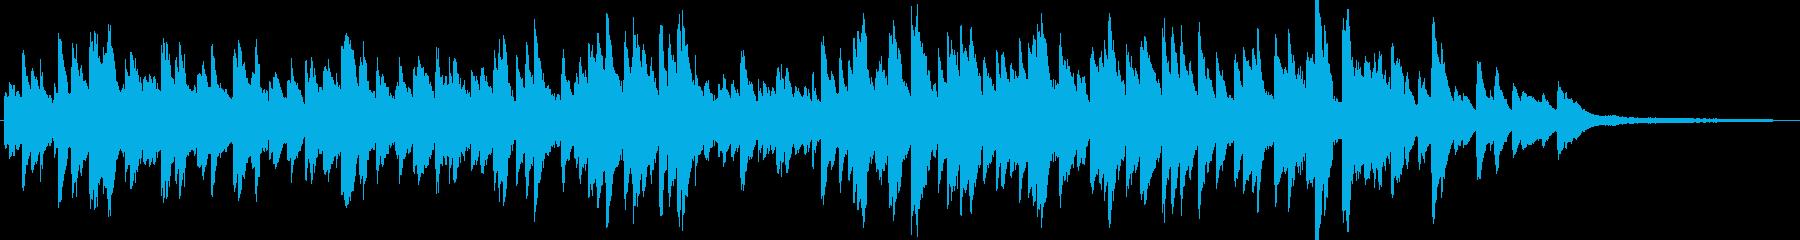 優しい 爽やかな ピアノソロ バラードの再生済みの波形